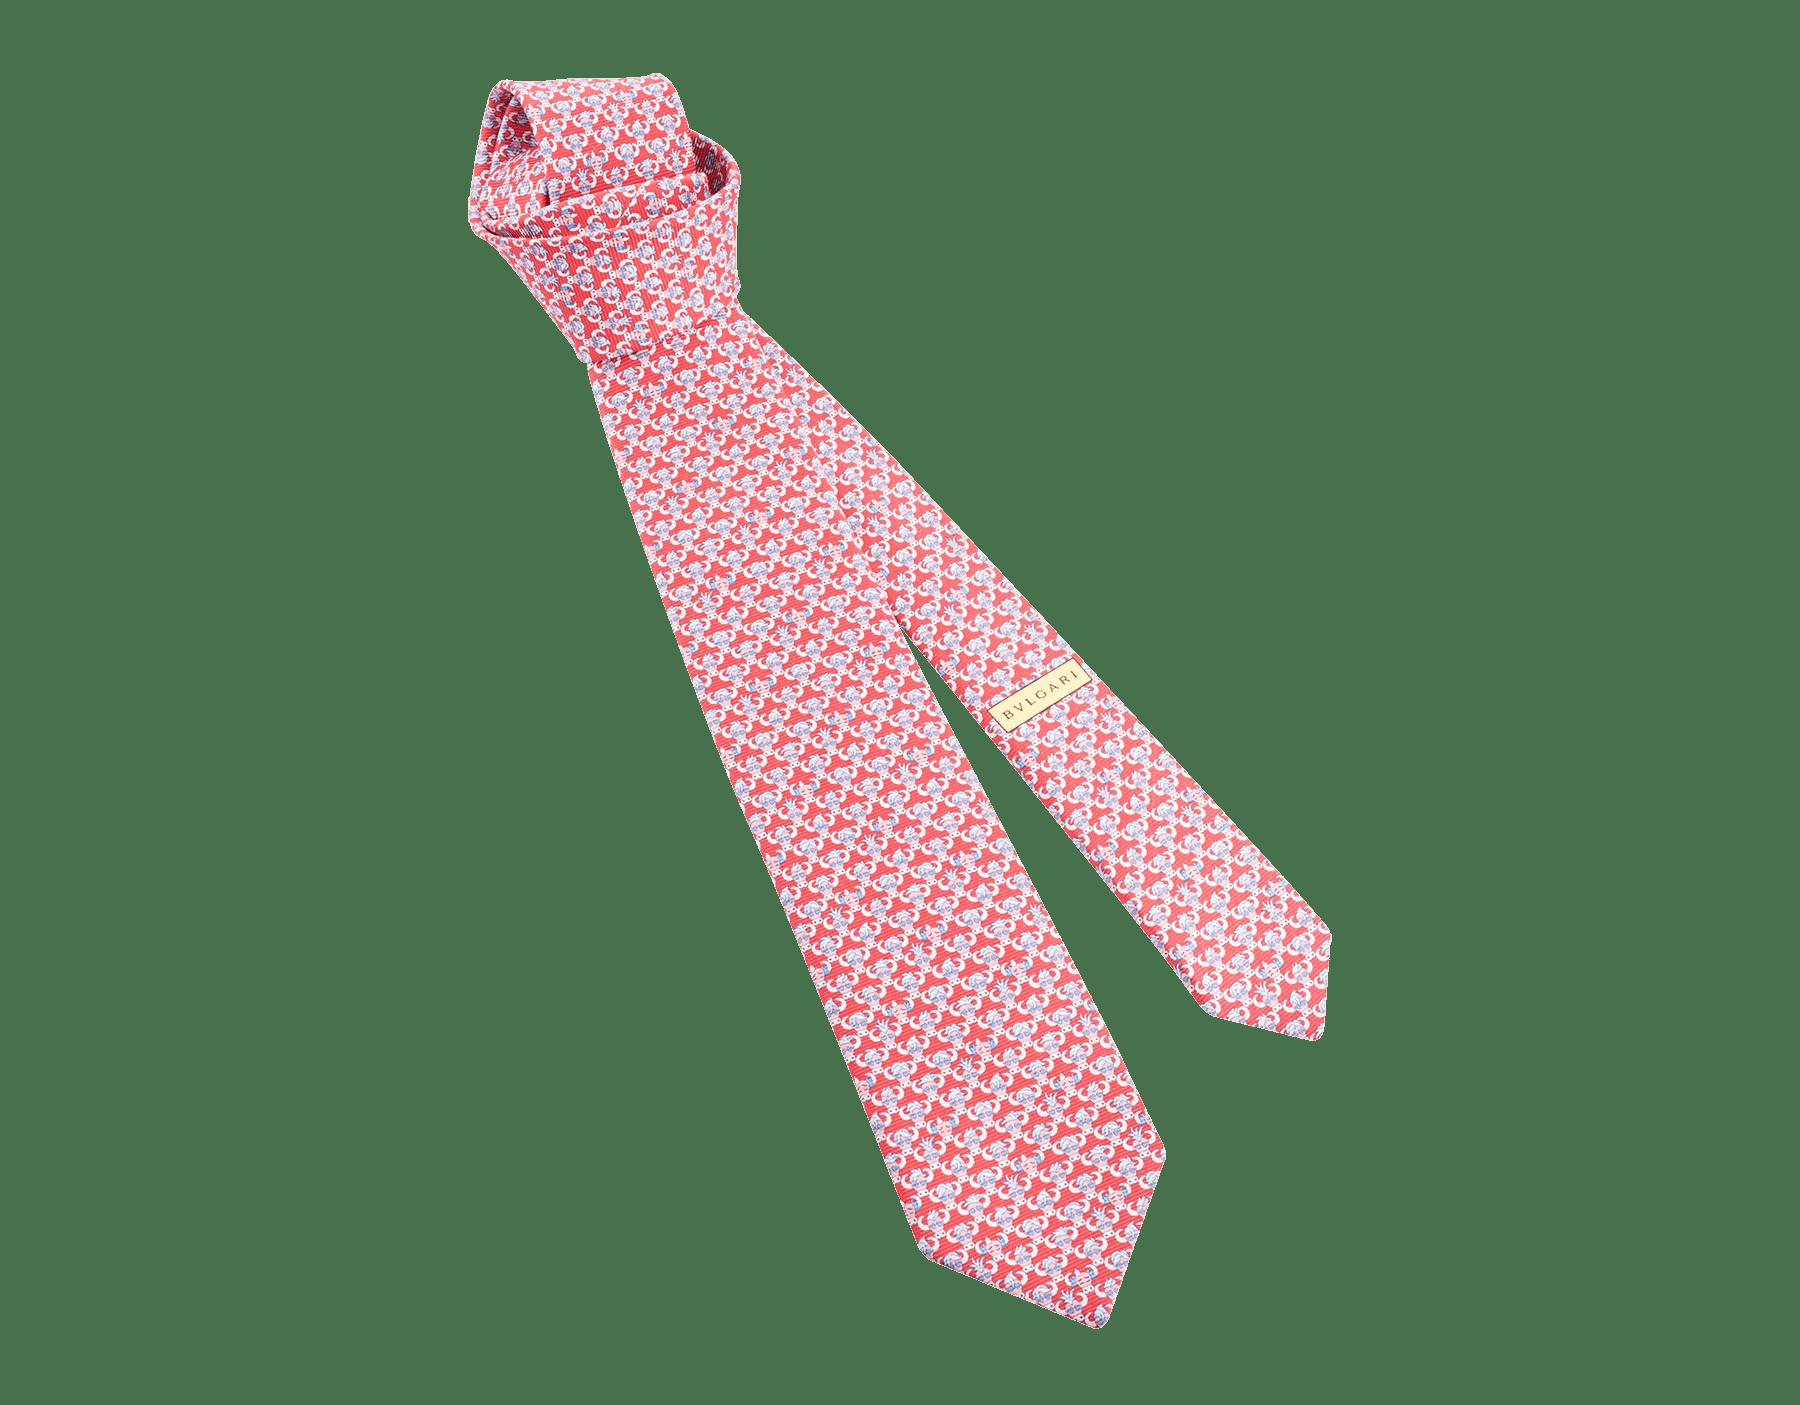 Siebenfach gefaltete gelbe Soxial Krawatte aus feiner Saglione-Seide. SOXIAL image 1